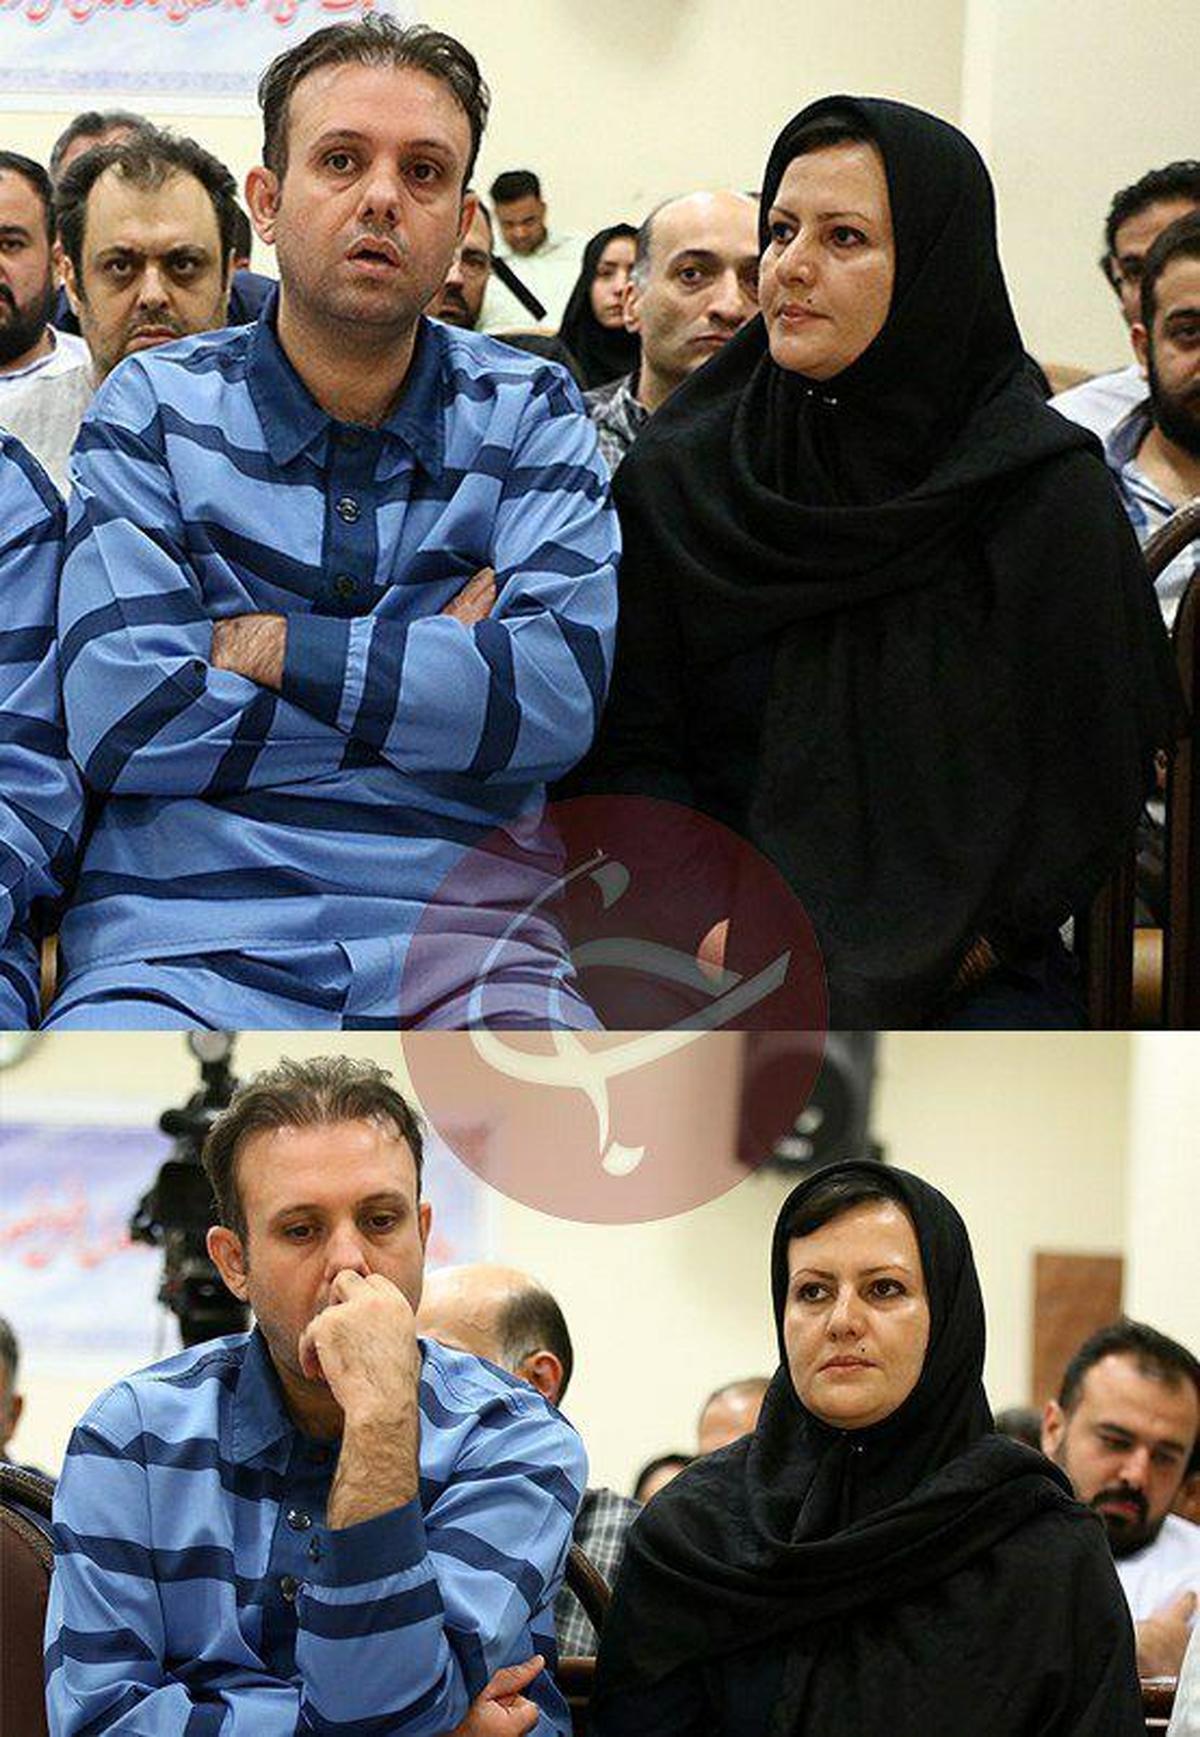 حکم اعدام برای سلطان خودرو و همسرش + عکس